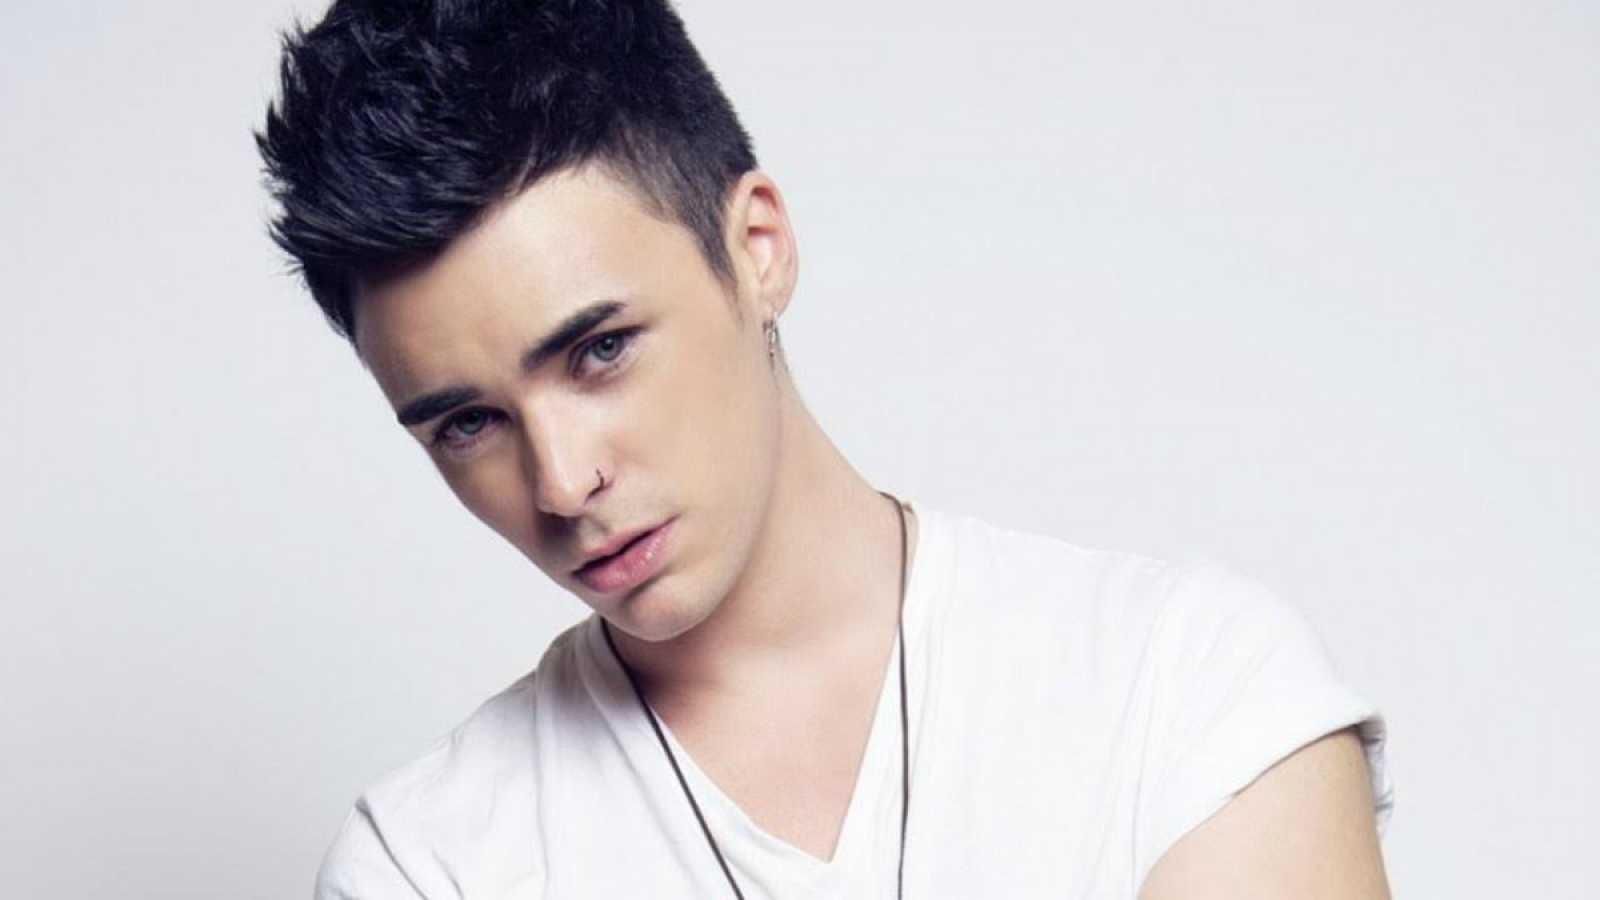 """Objetivo Eurovisión - """"Spin my head"""" / """"Pierdo el control"""" de Mario Jefferson"""